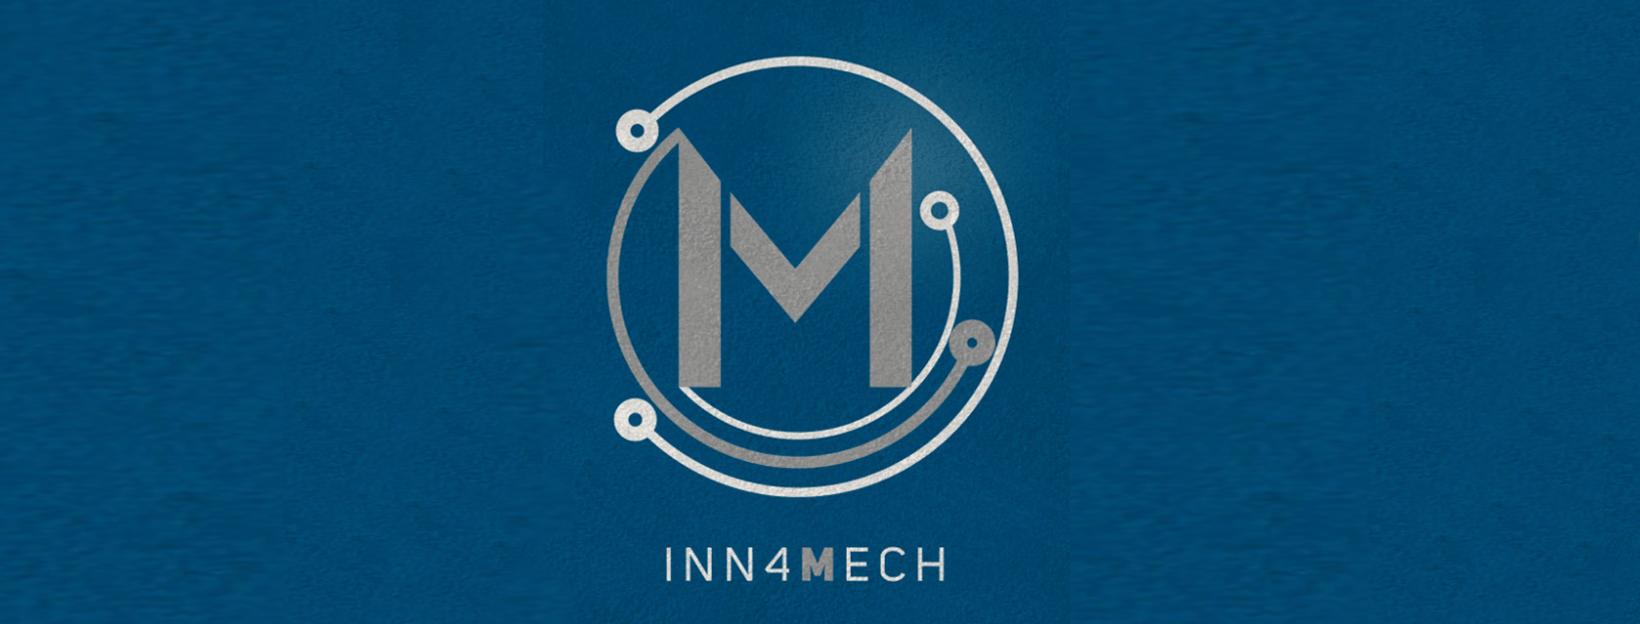 Robosense at Inn4mech 2021